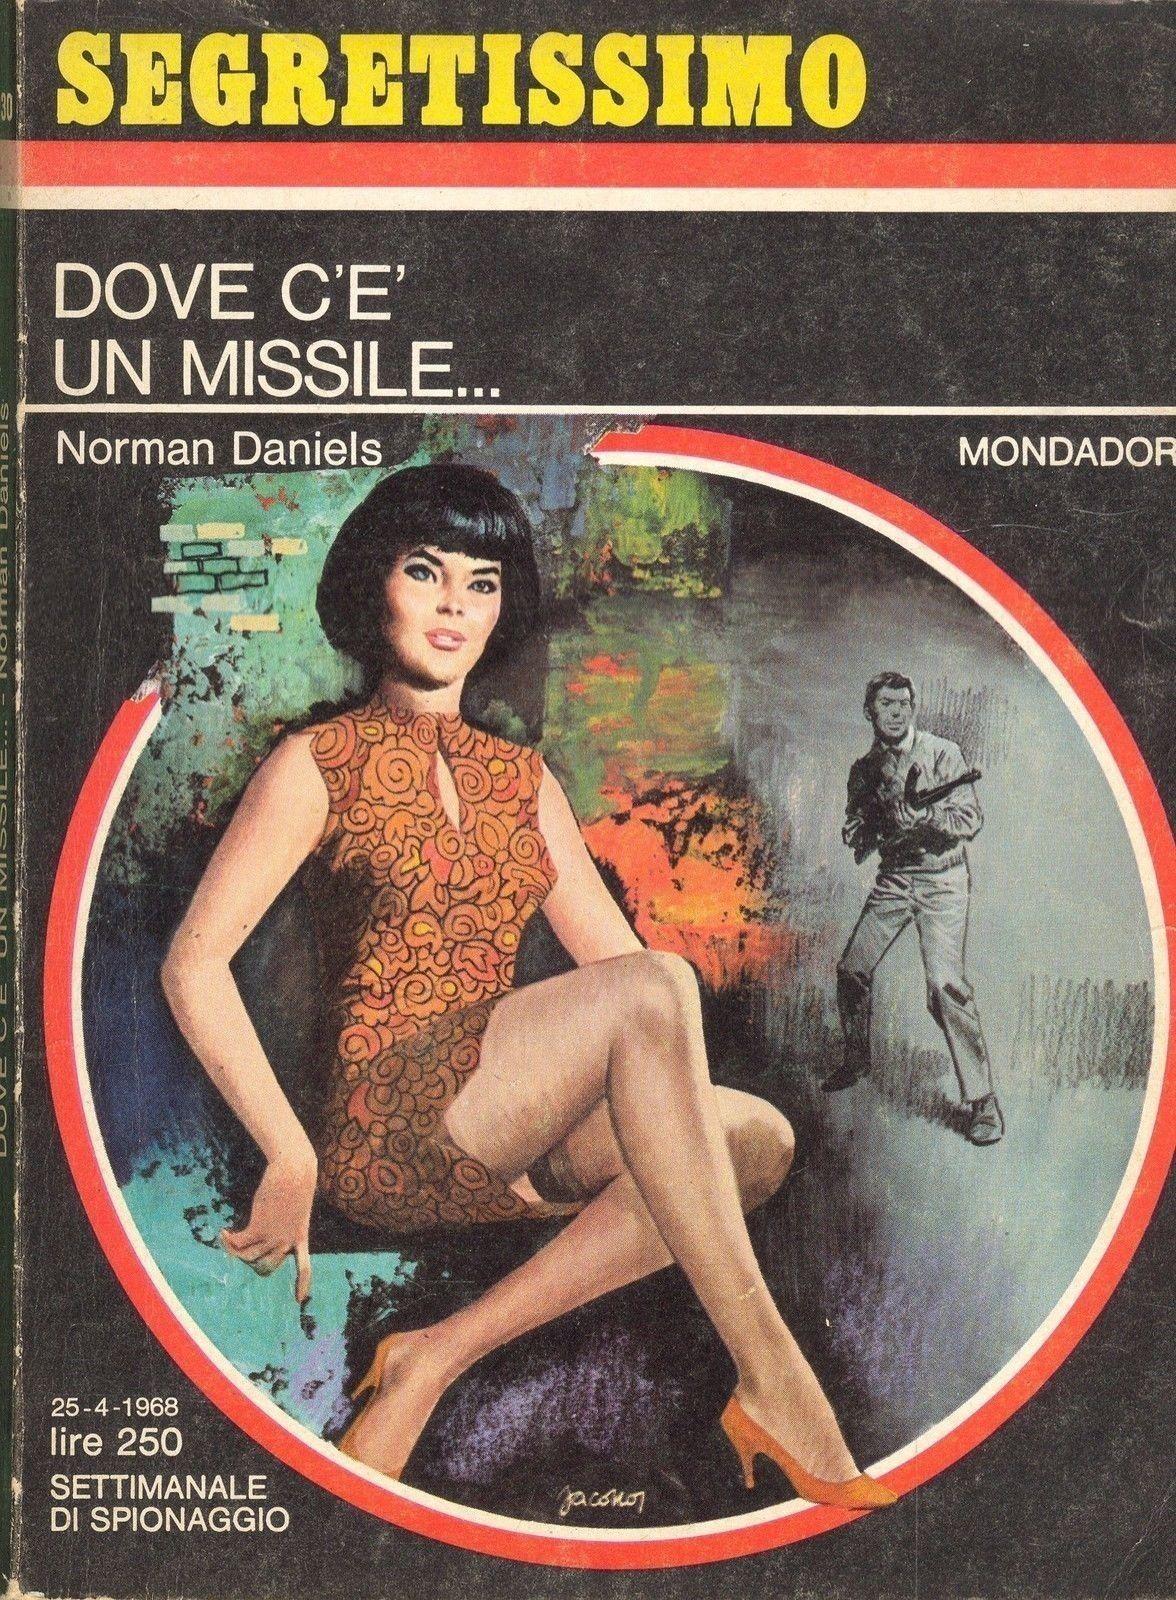 DOVE C'E' UN MISSILE.... - NORMAN DANIELS